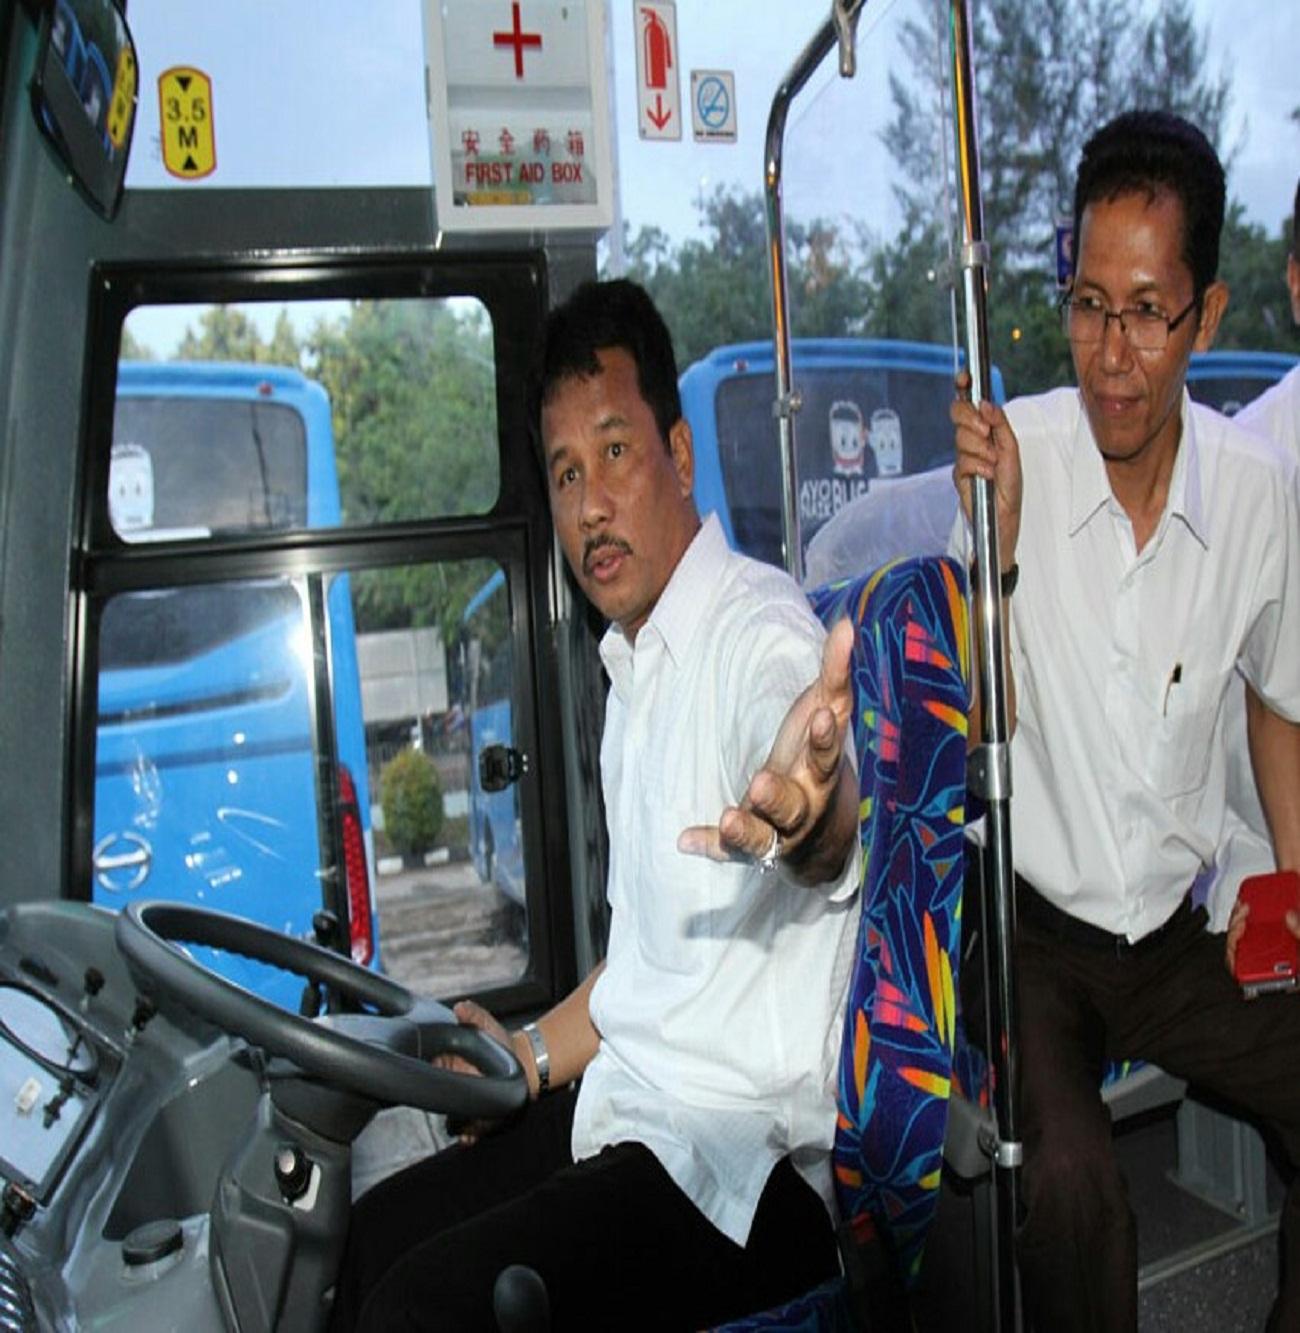 Walikota Batam di dampingi Wakil Walikota saat mencoba Bus Trans Batam.